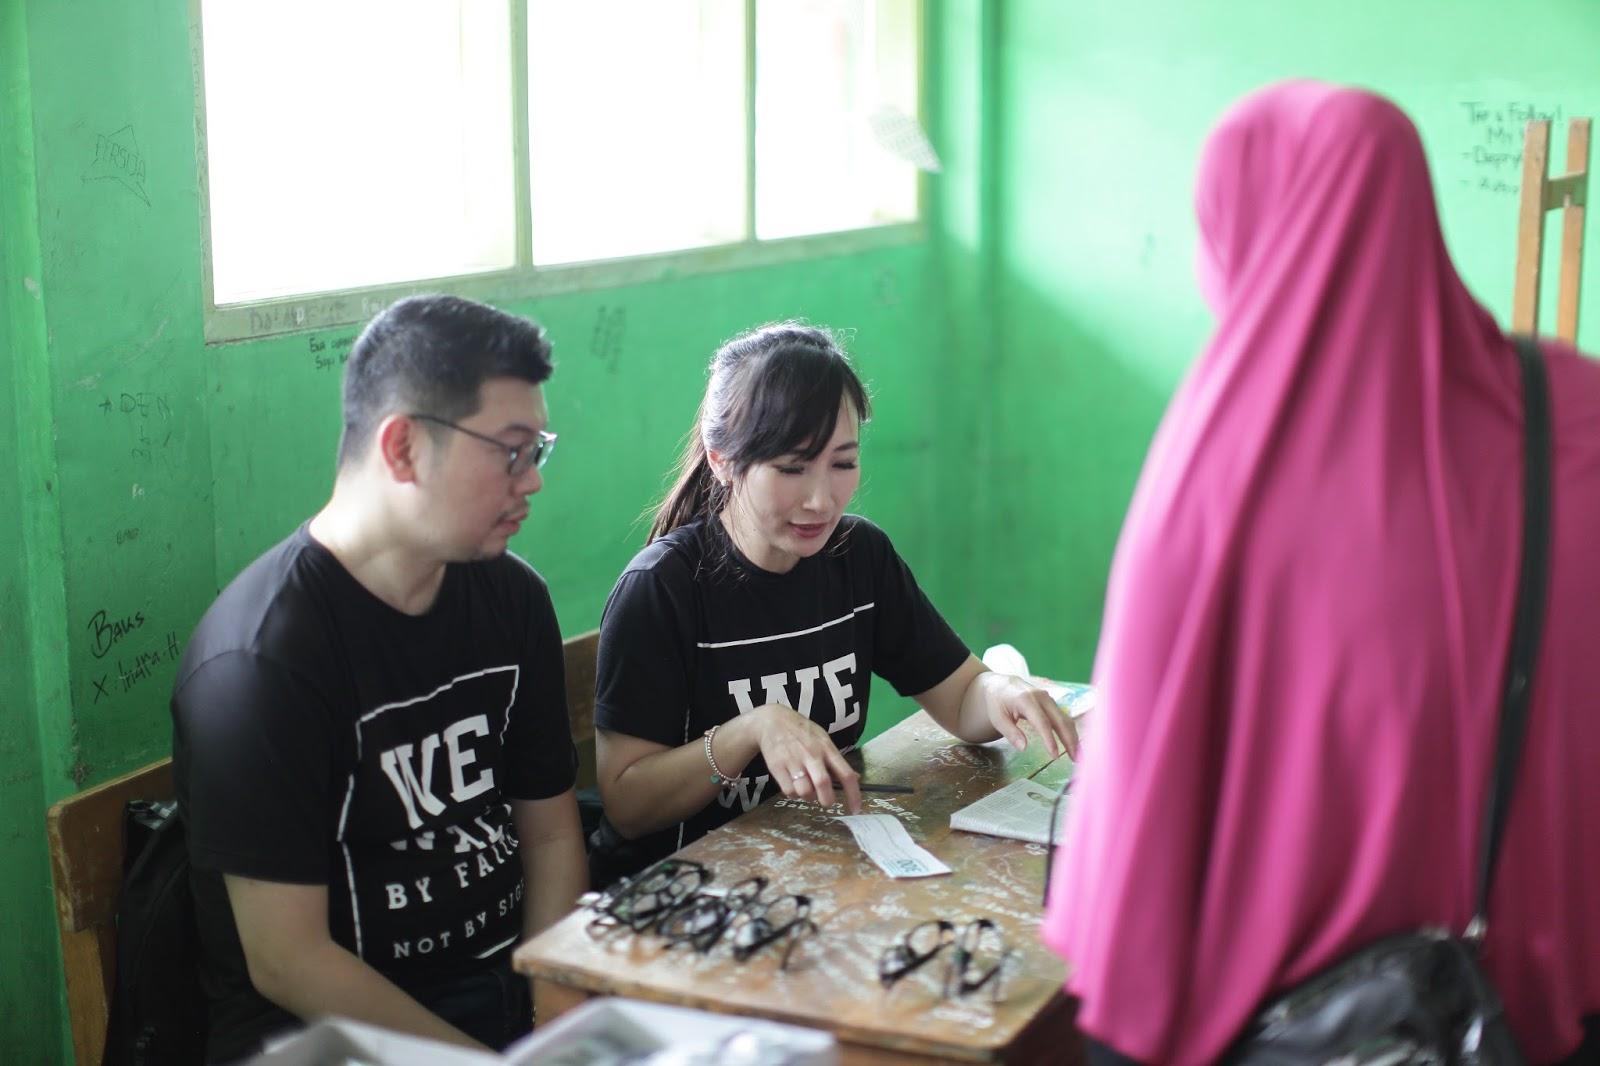 Bakti Sosial XII - Sejuta Kacamata untuk Indonesia  - Sukaraya, Bekasi image